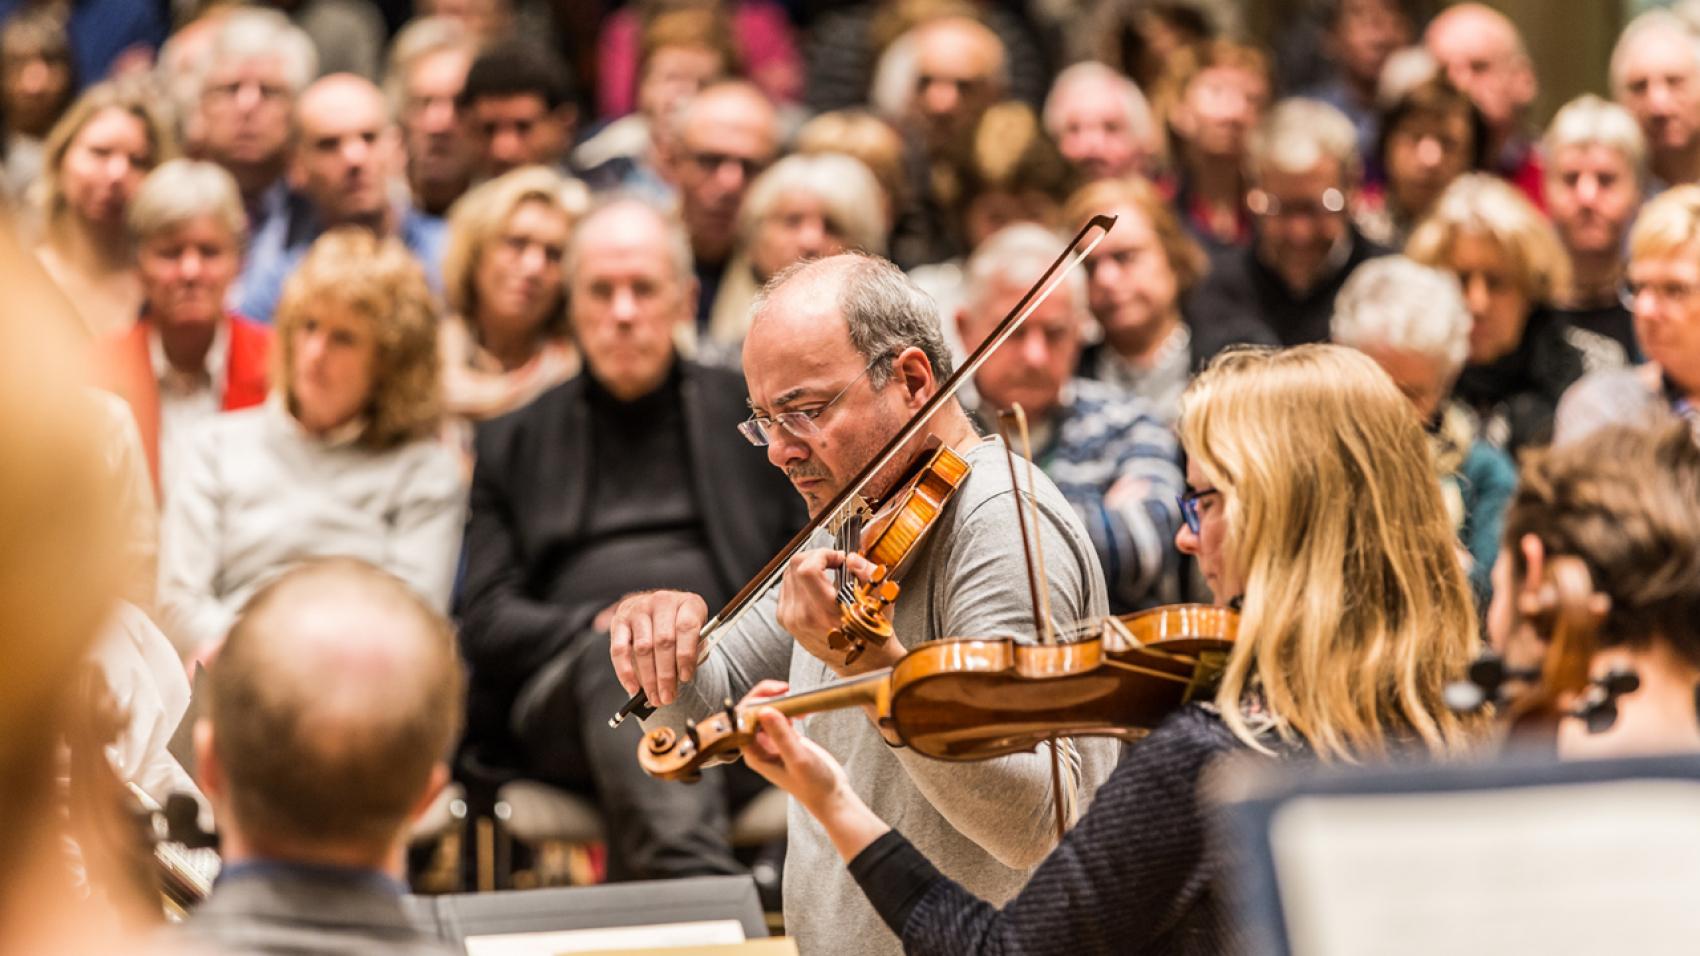 Openbare repetitie Chopin en Bizet